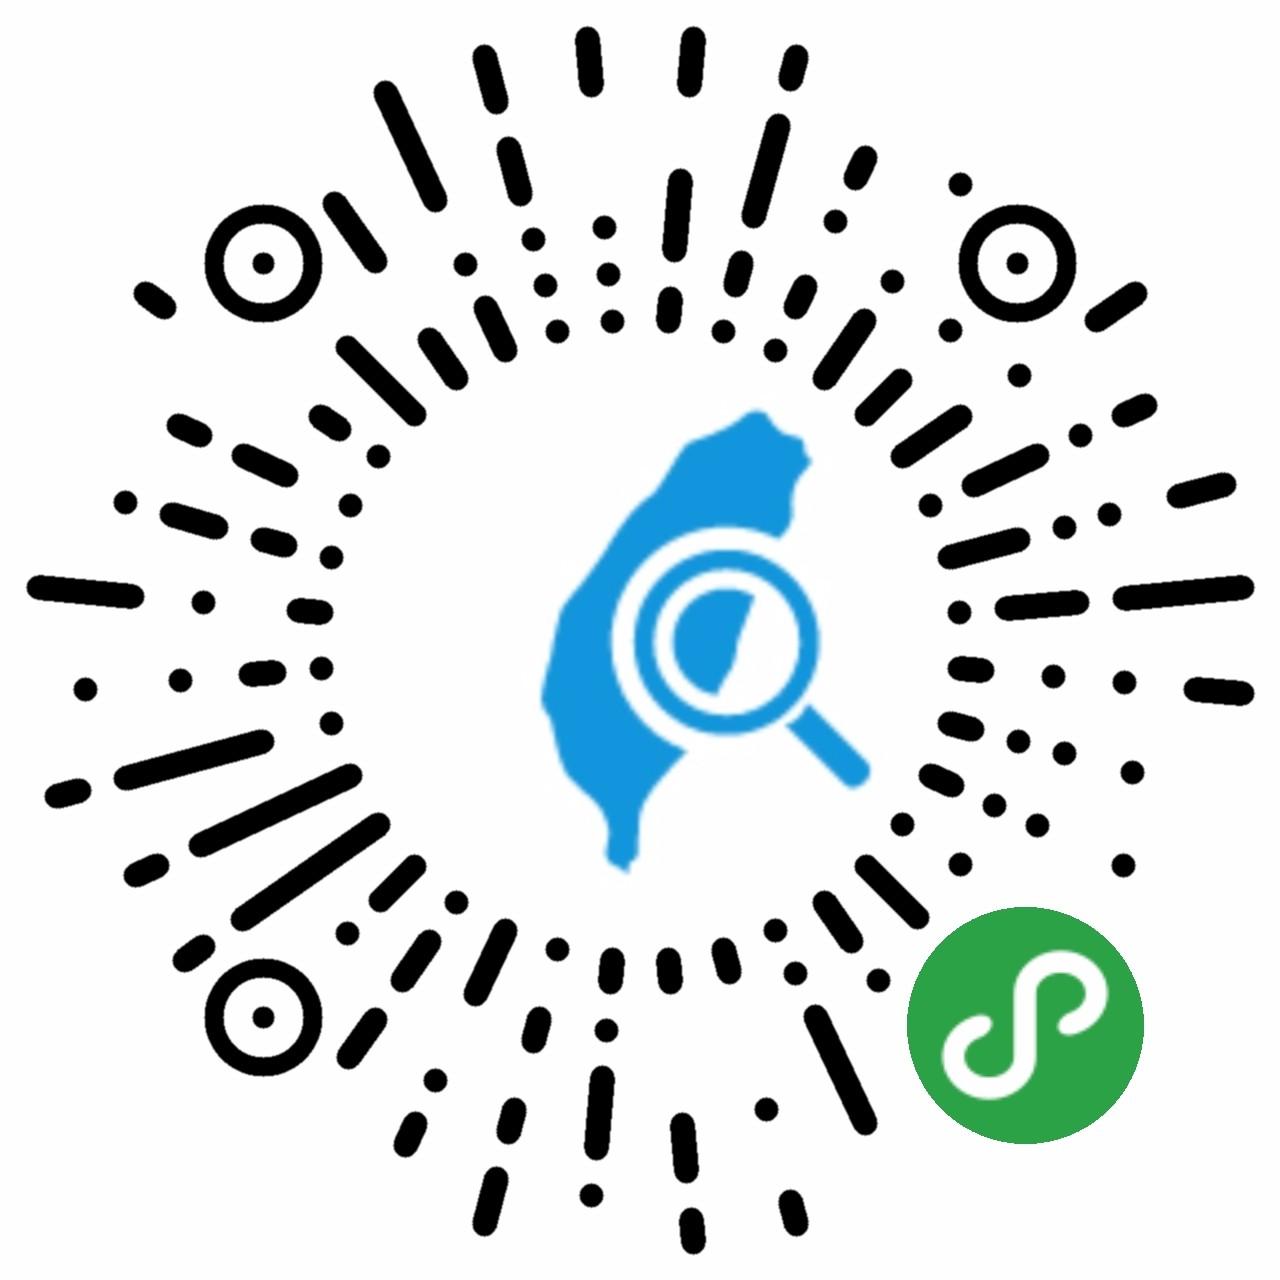 体验垦丁-微信小程序二维码